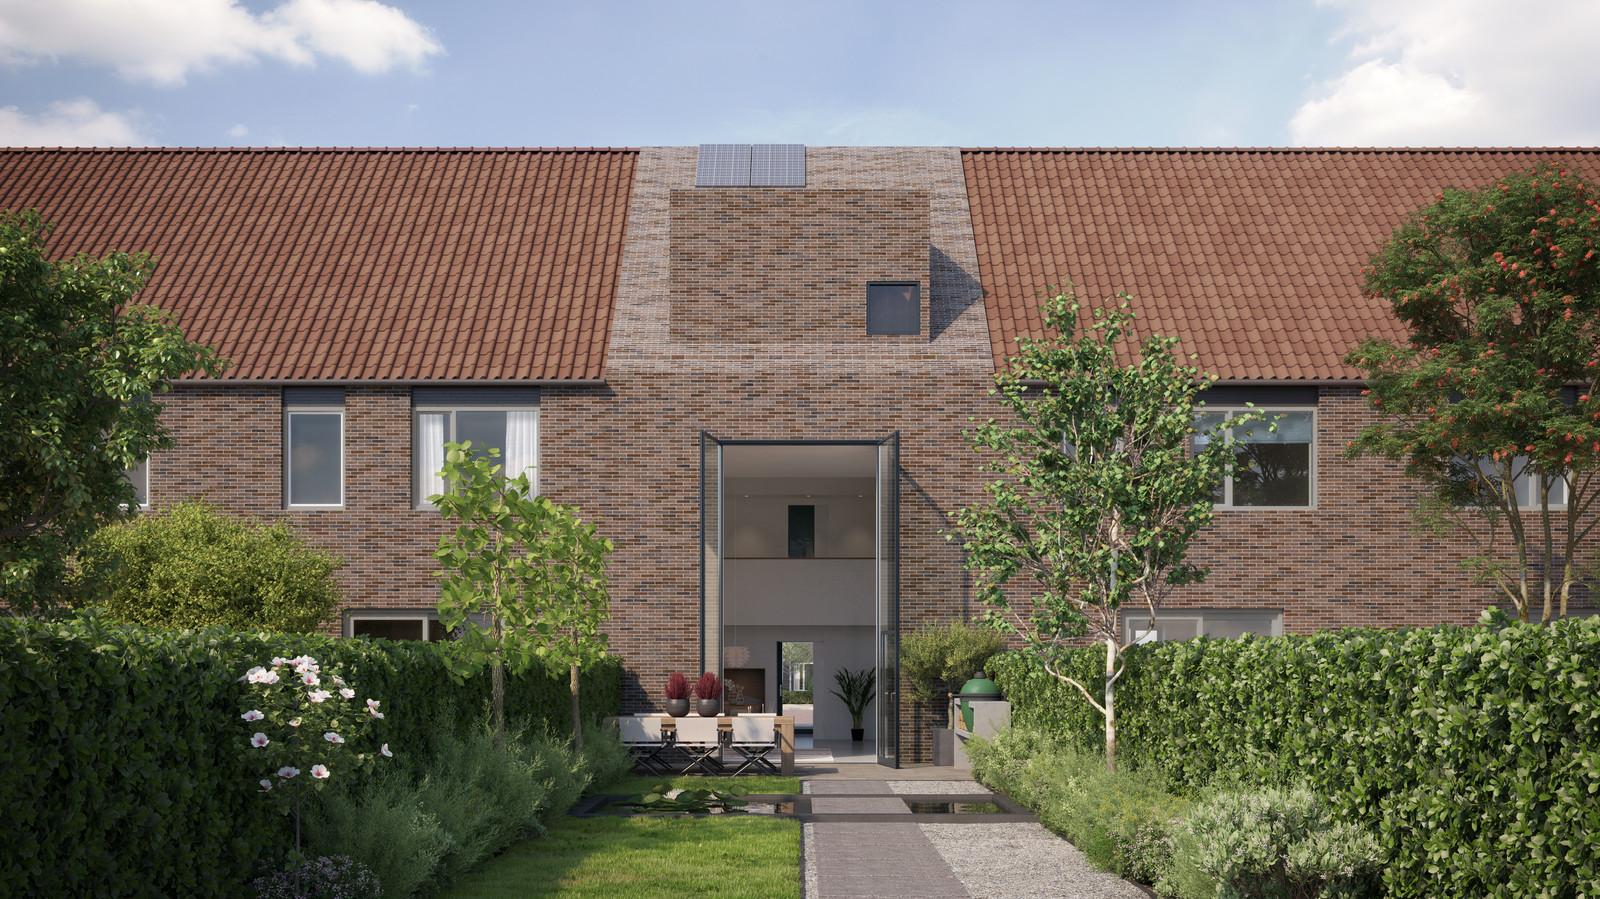 De achterkant van het huis, met een gigantische deur naar de tuin.